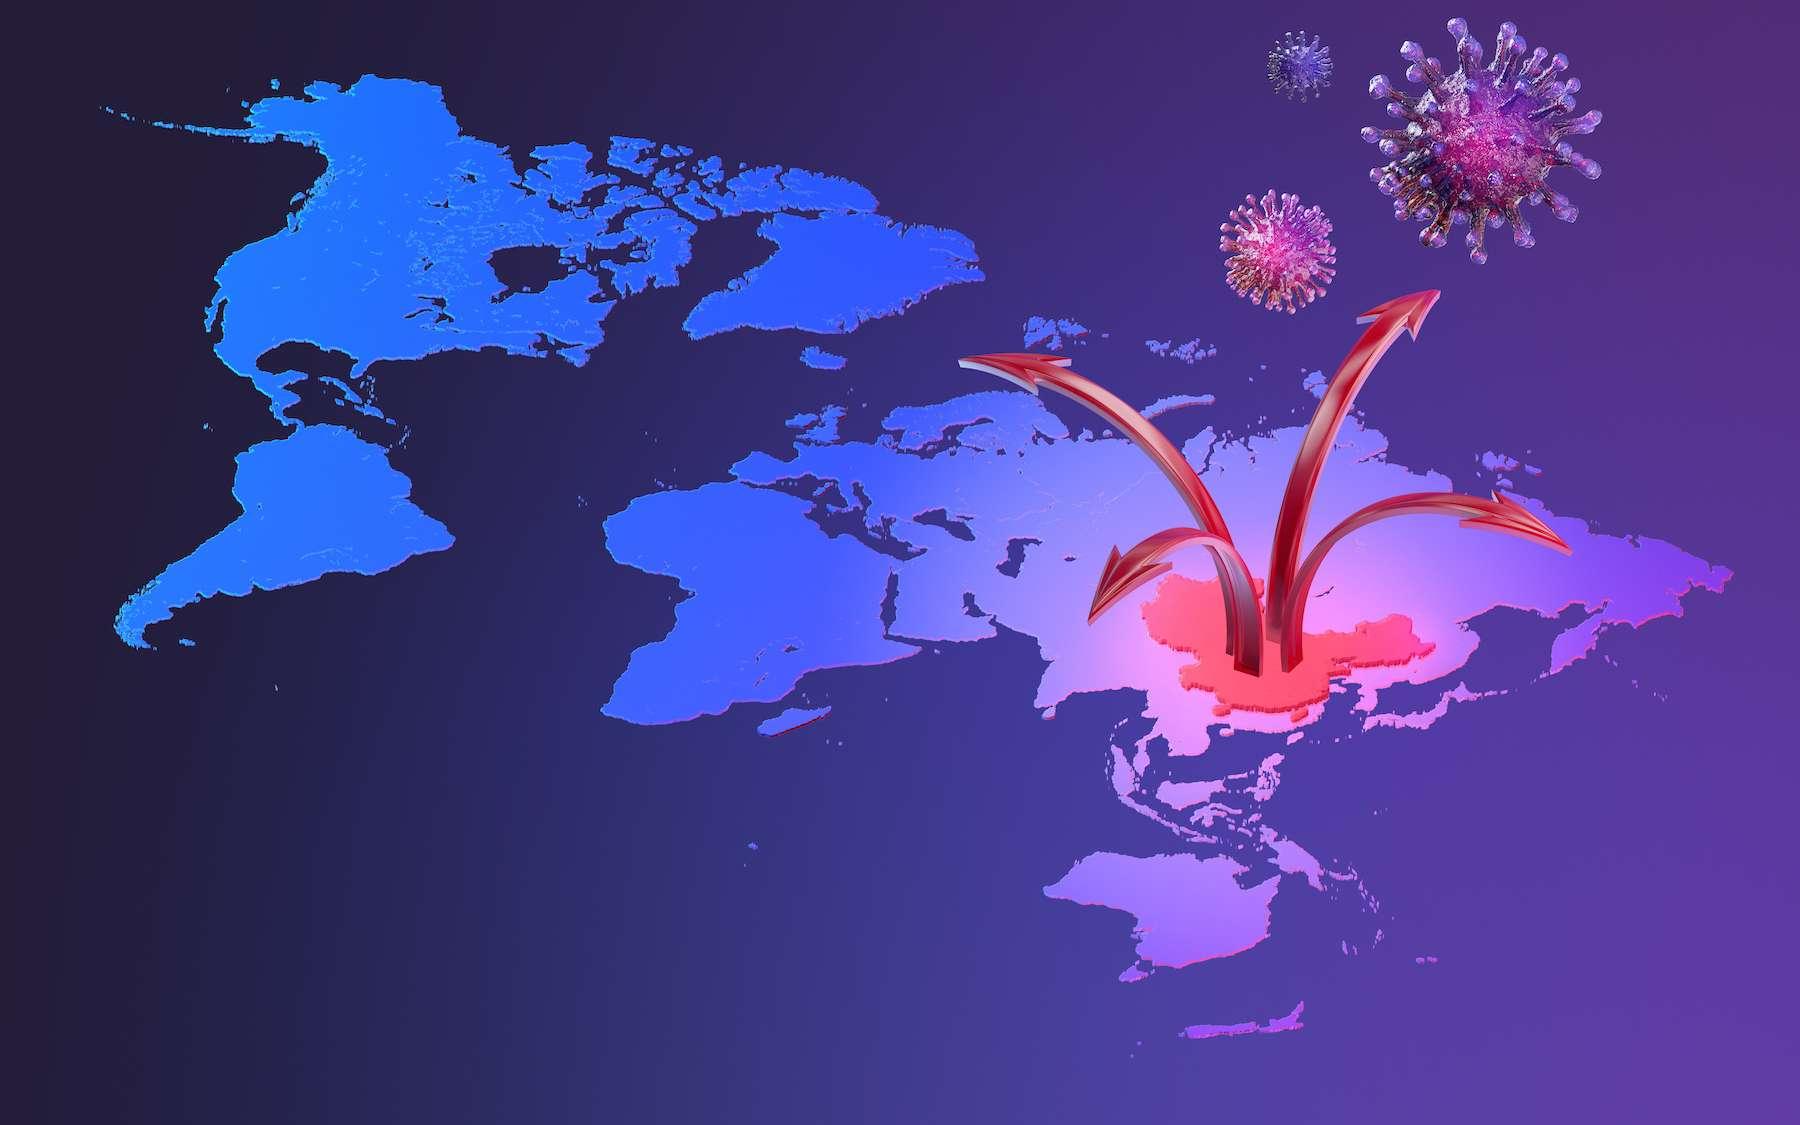 Les origines du coronavirus, étudiées par les experts de l'OMS, restent mystérieuses. © Borealis, Adobe stock